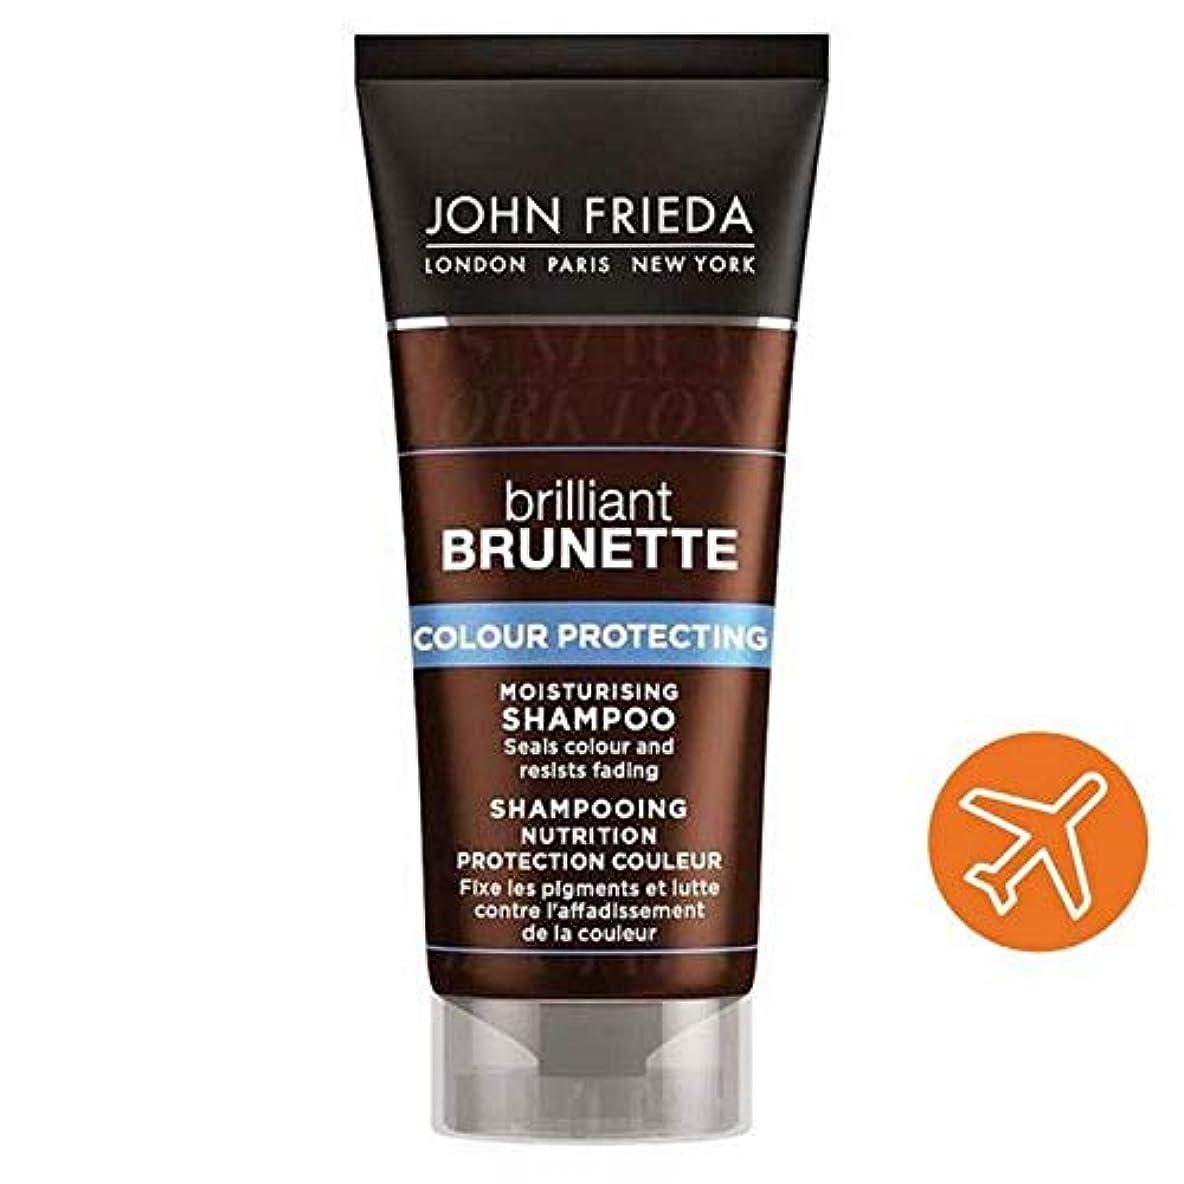 偽善者ルビー登録する[John Frieda ] シャンプー50ミリリットルを明らかにジョン?フリーダ華麗なブルネットの豊富な輝きマルチトーン - John Frieda Brilliant Brunette Rich Radiance Multi-tone Revealing Shampoo 50ml [並行輸入品]